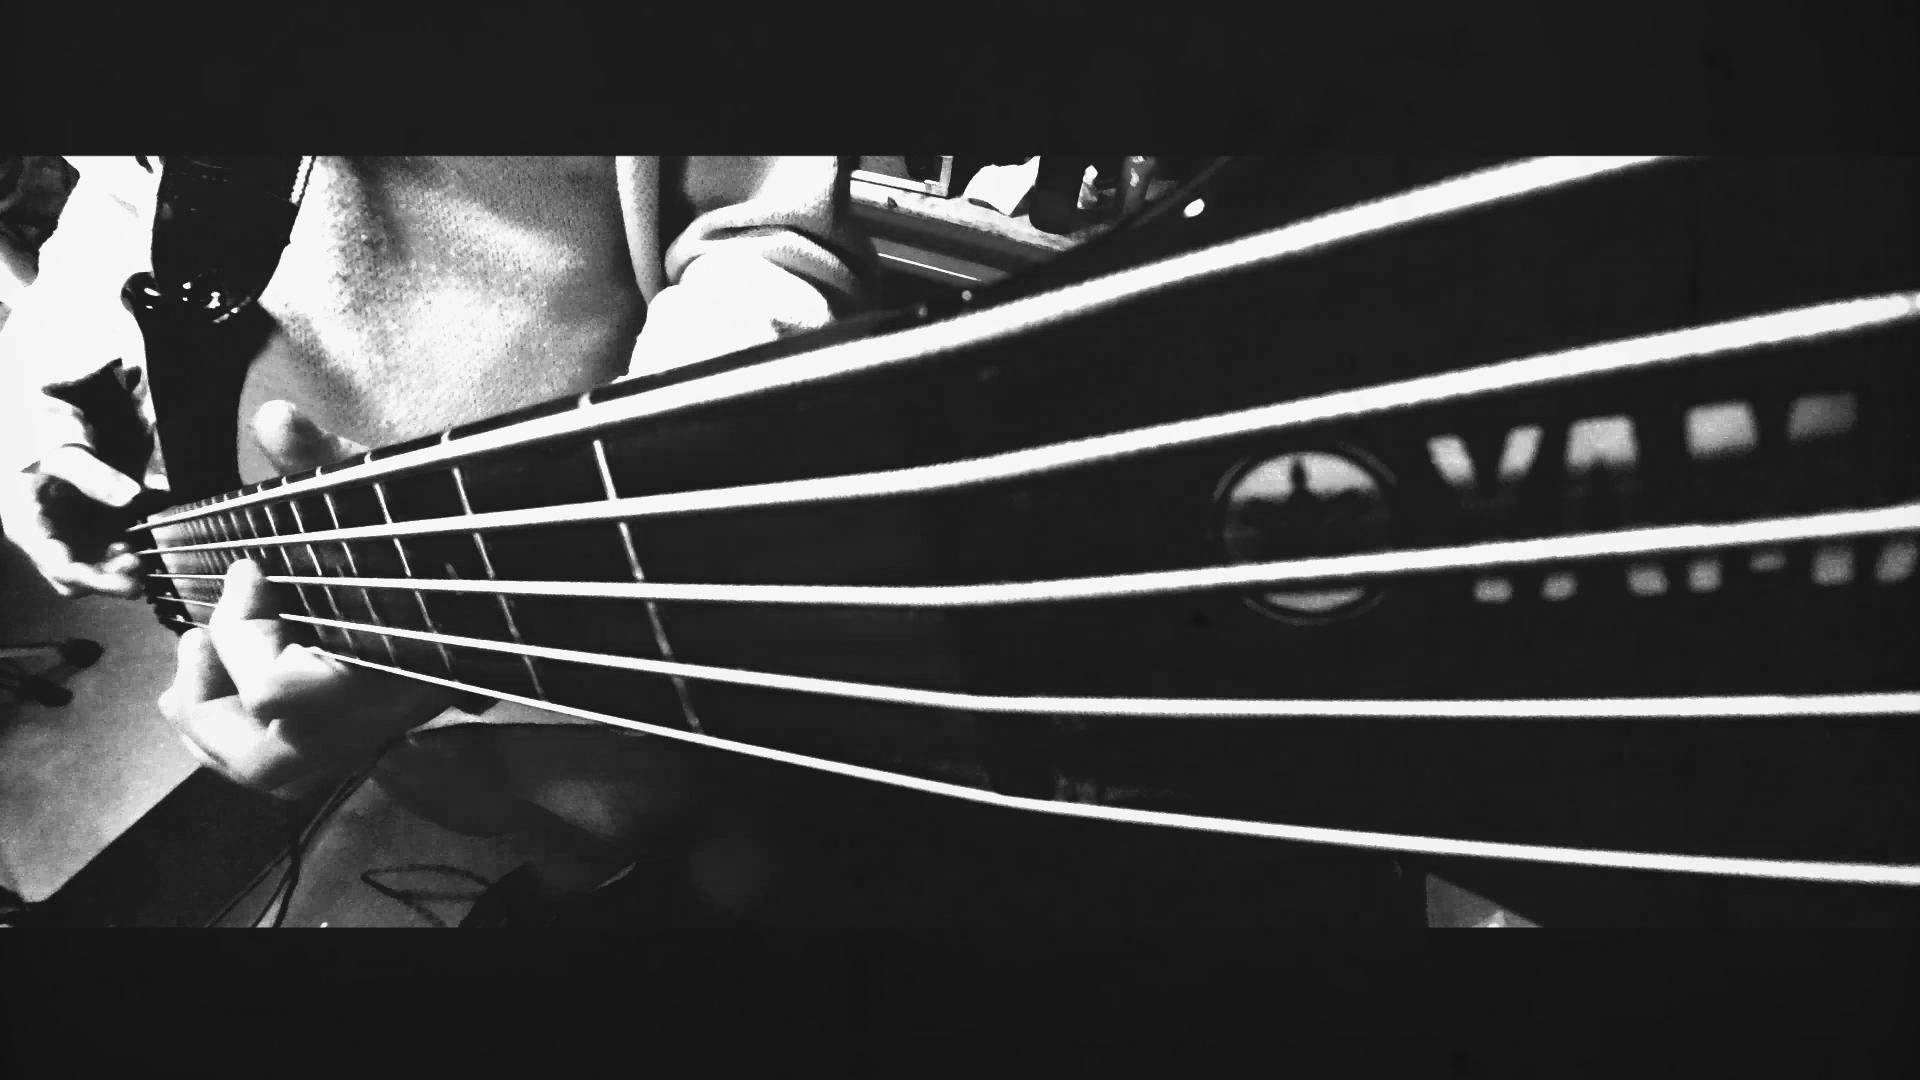 BAJO BANDA VIDEOCLIP FRAME2